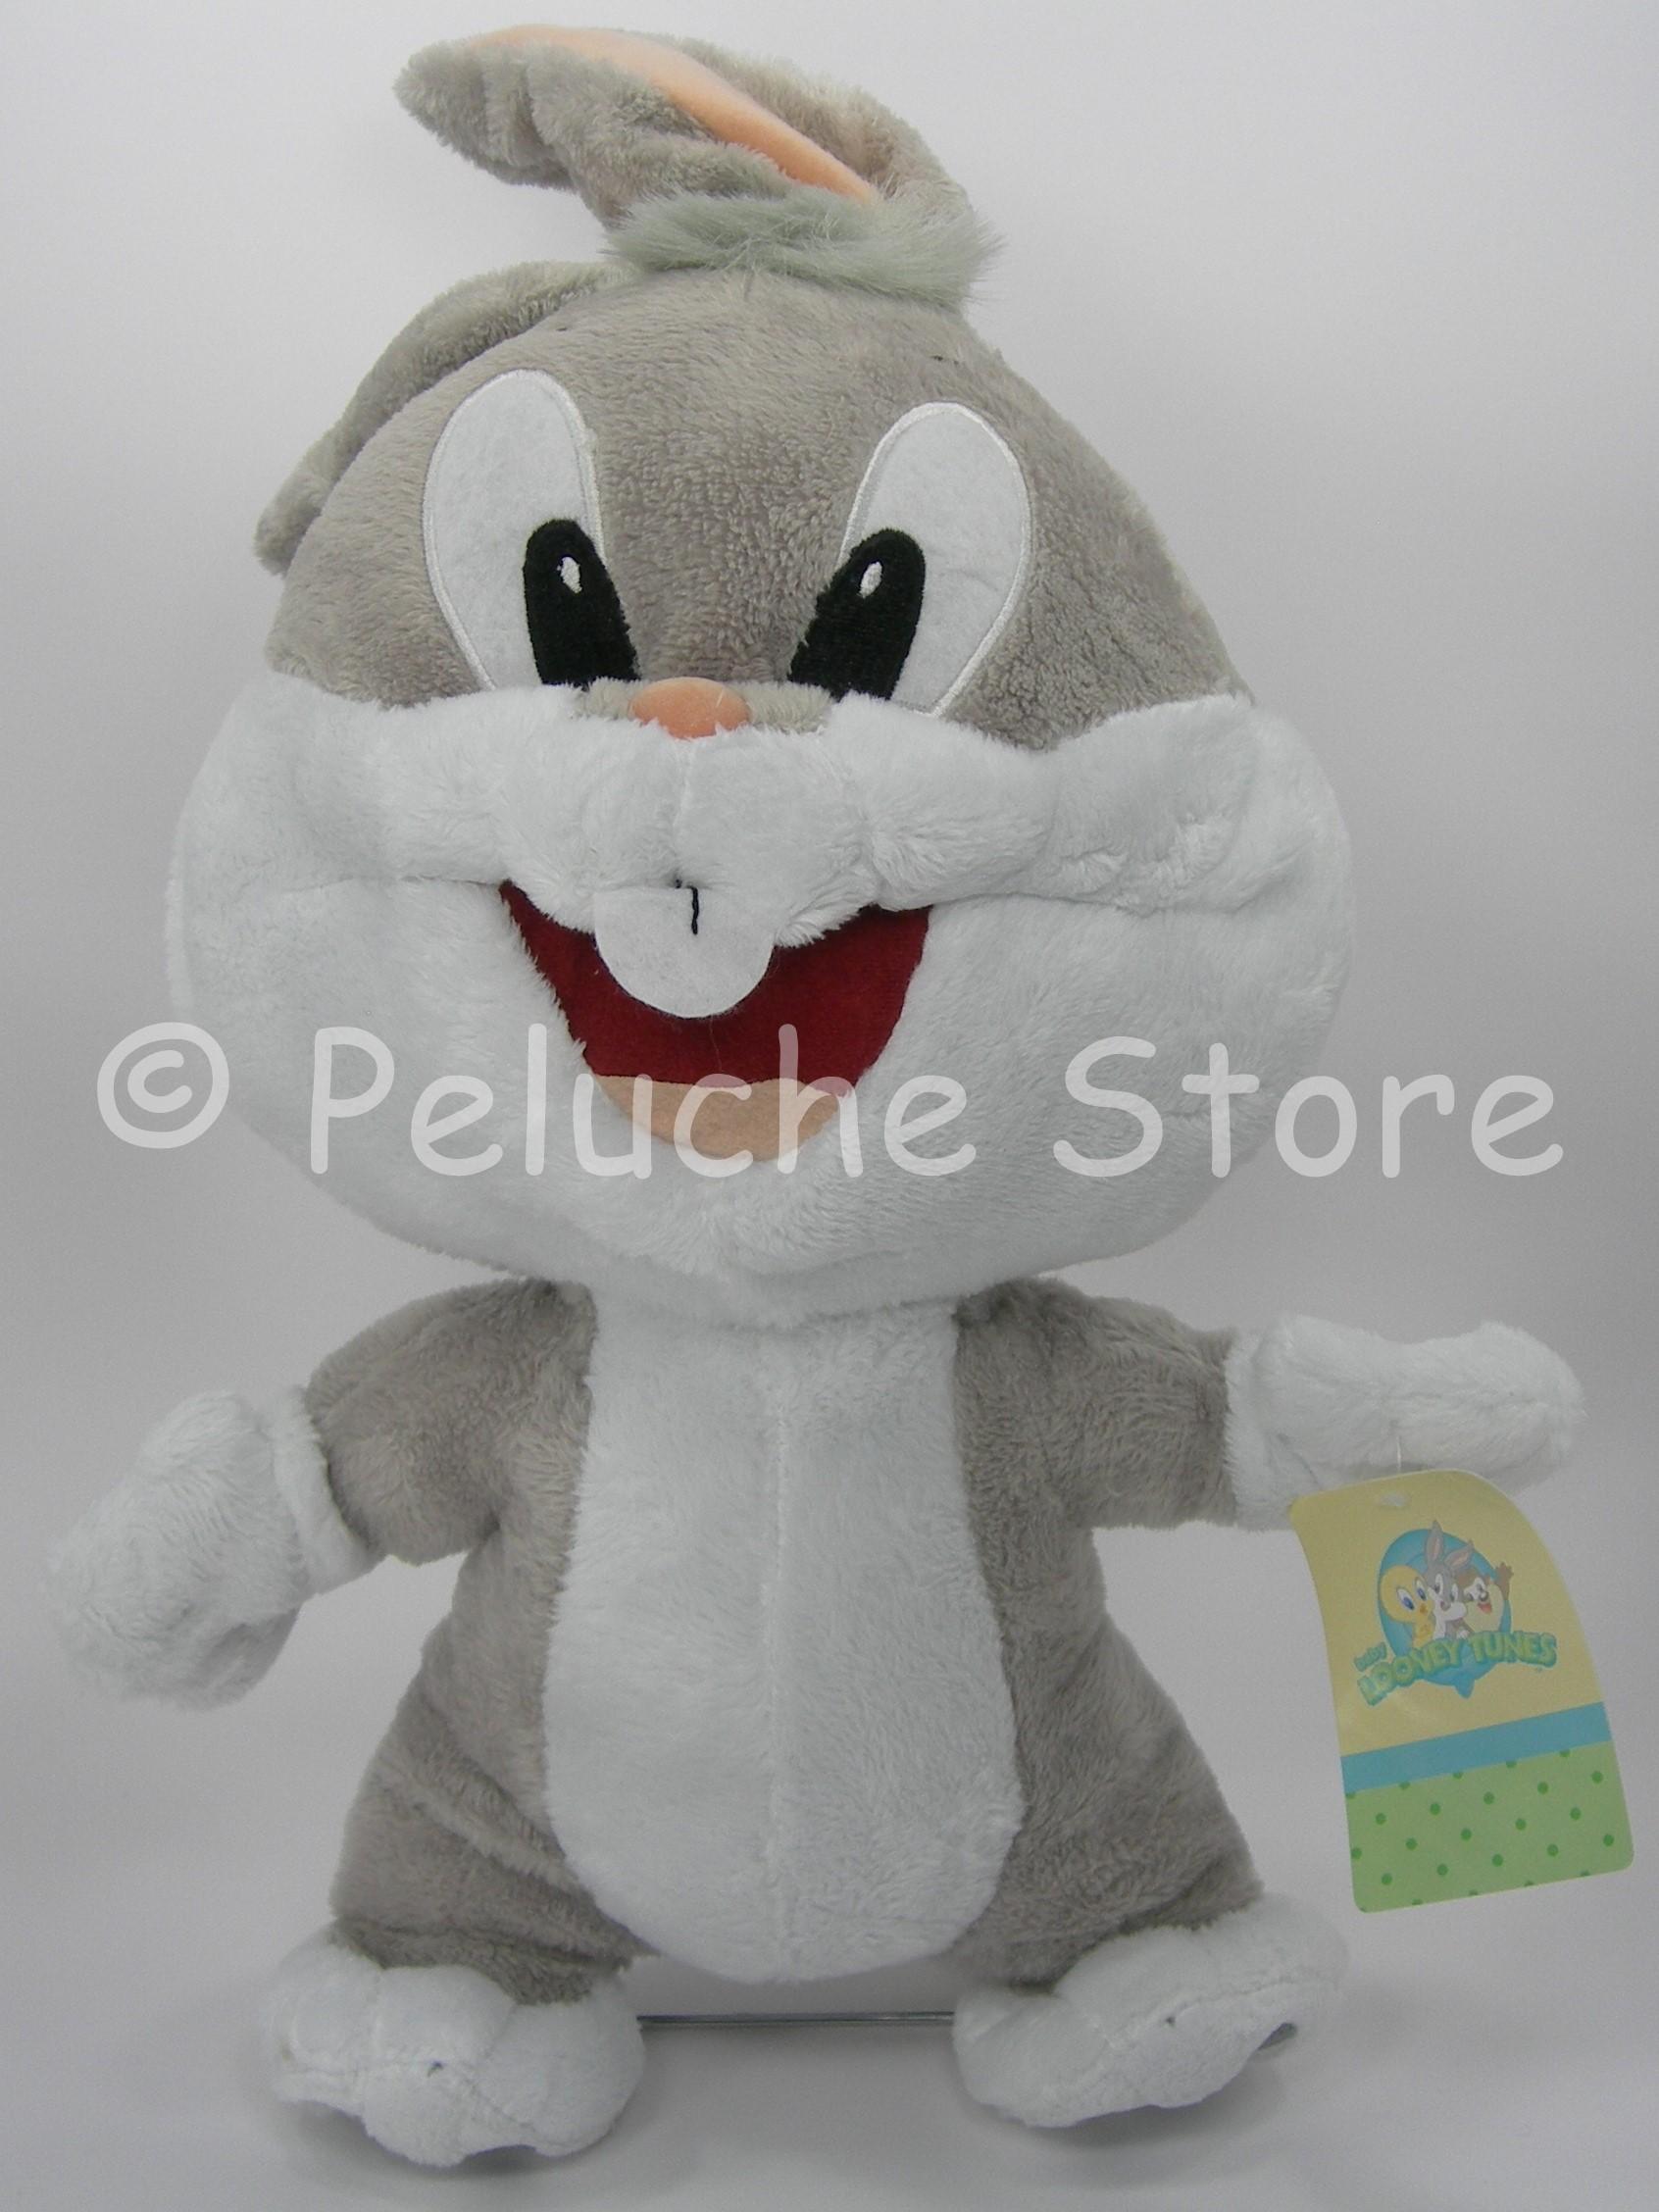 Baby Looney Tunes Bugs Bunny Peluche 35 cm velluto Coniglio Originale